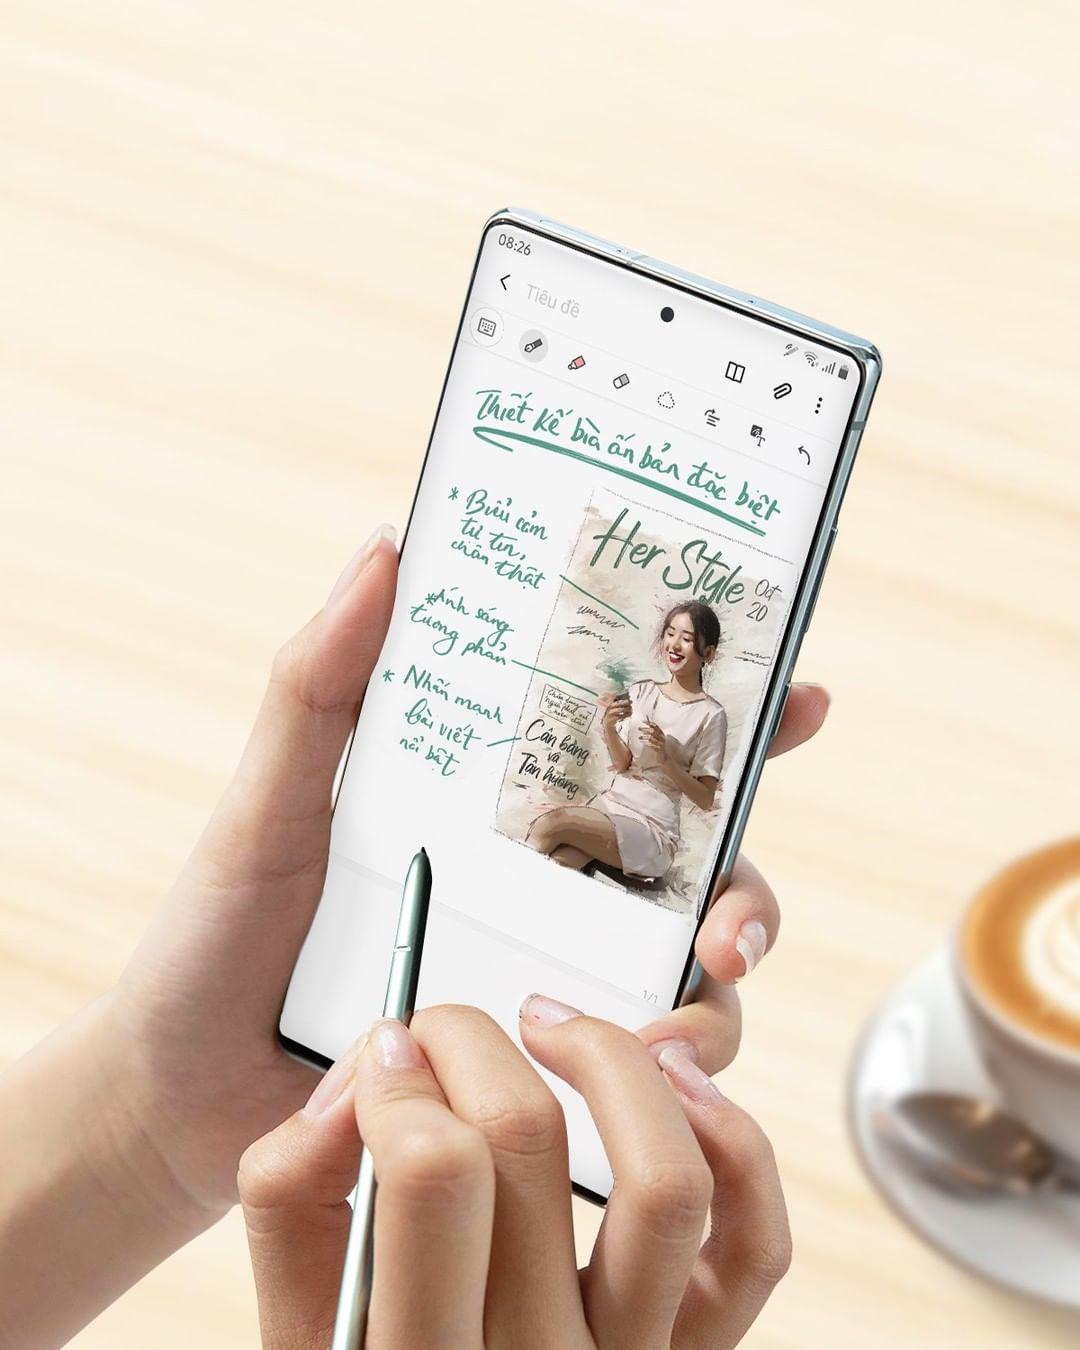 Trải nghiệm nét bút S Pen trên Galaxy Note20 tự nhiên, mượt mà và chính xác trên màn hình vô cực Infinity-O cùng tần số quét 120Hz siêu nhanh. Ảnh: Samsung